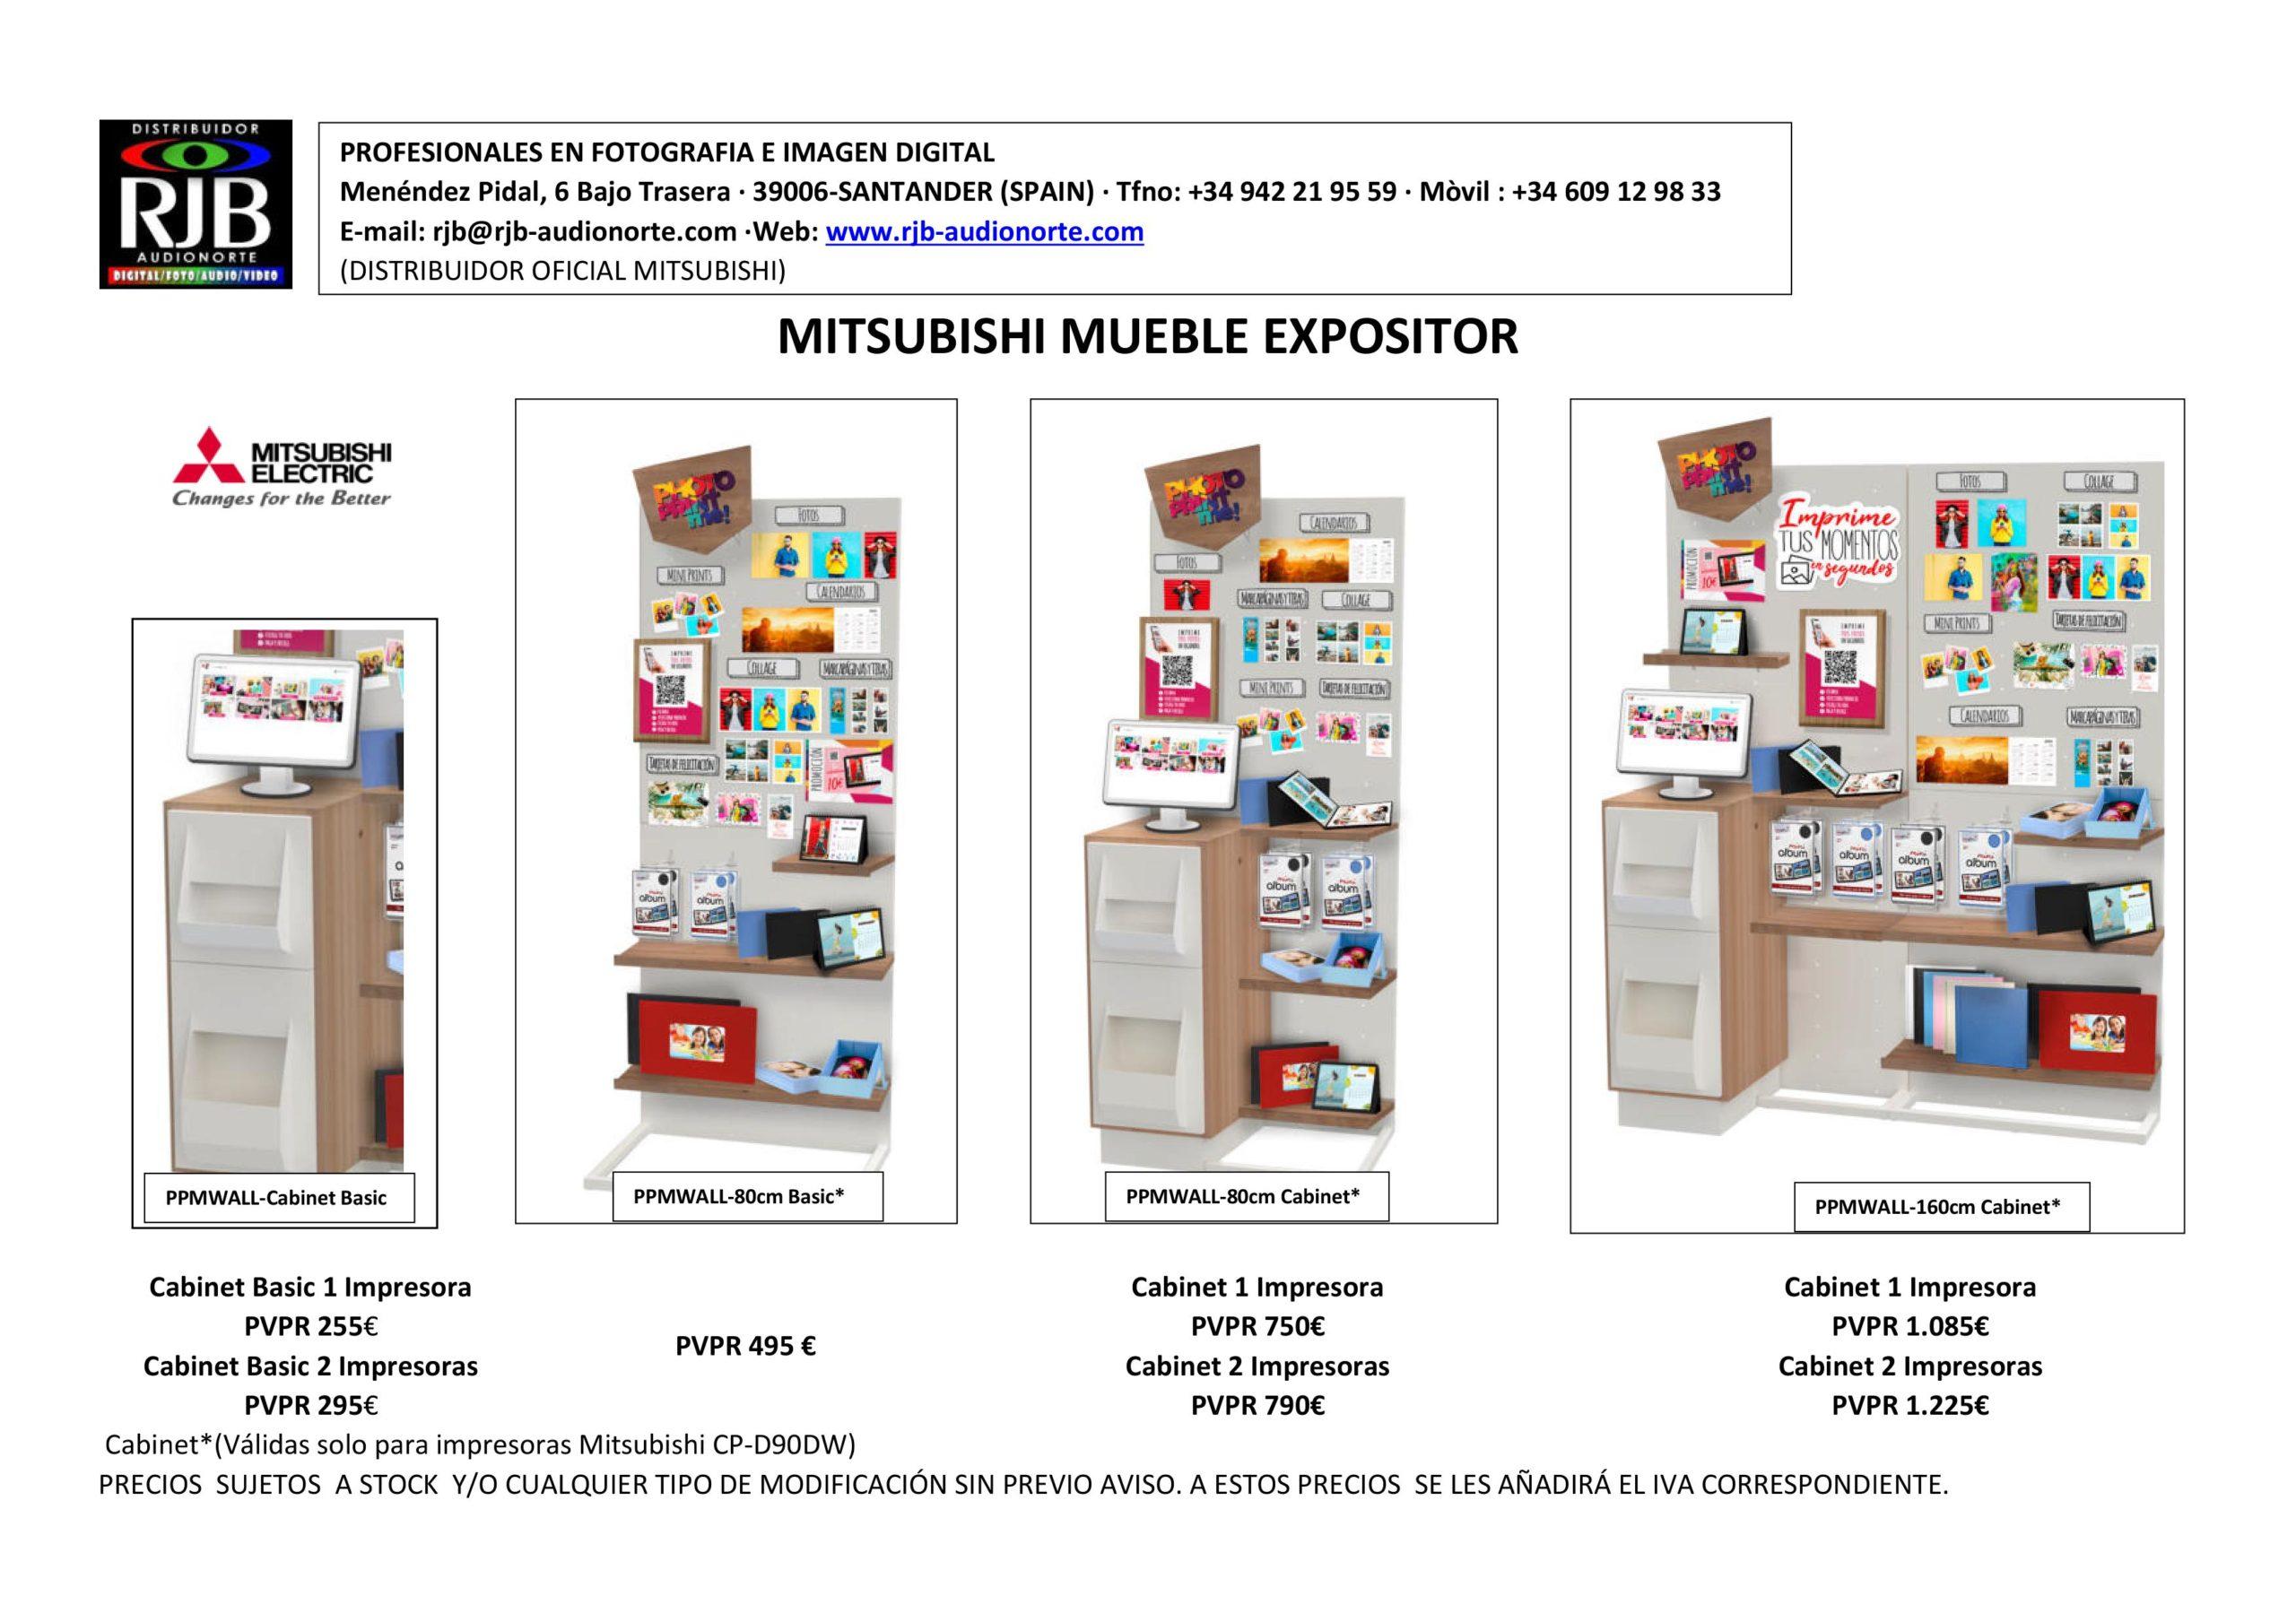 PROMOCIÓN RJB MITSUBISHI MUEBLE EXPOSITOR 4 OPCIONES 2020